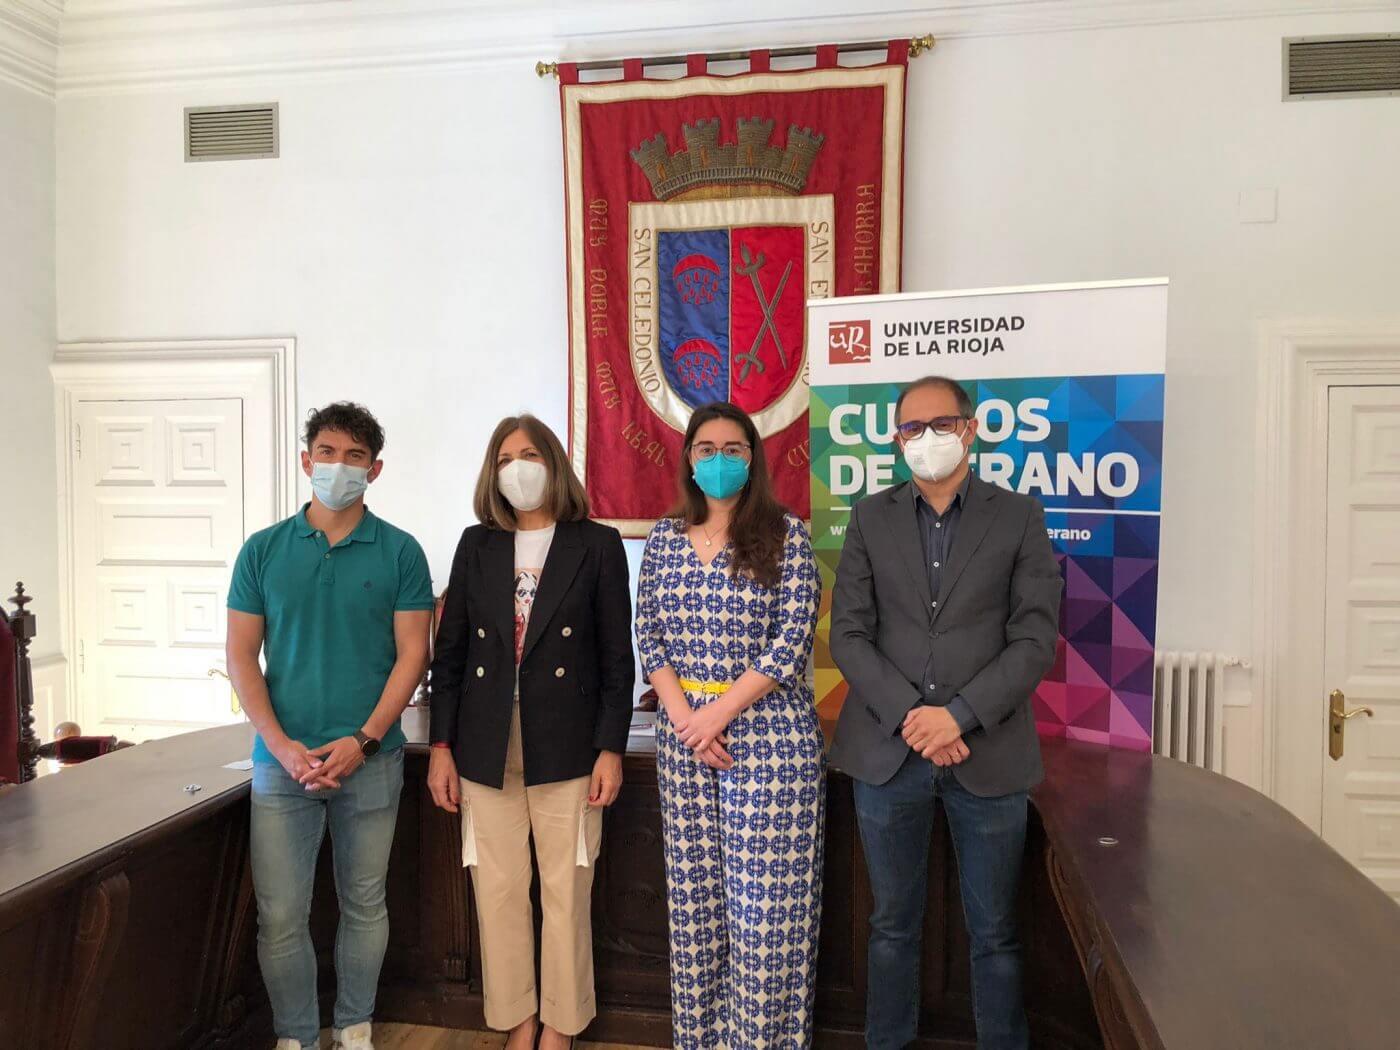 El curso de verano de la UR 'Mujeres en la Ciencia' se desarrollará en la Ermita de la Concepción de Calahorra del 15 al 17 de septiembre